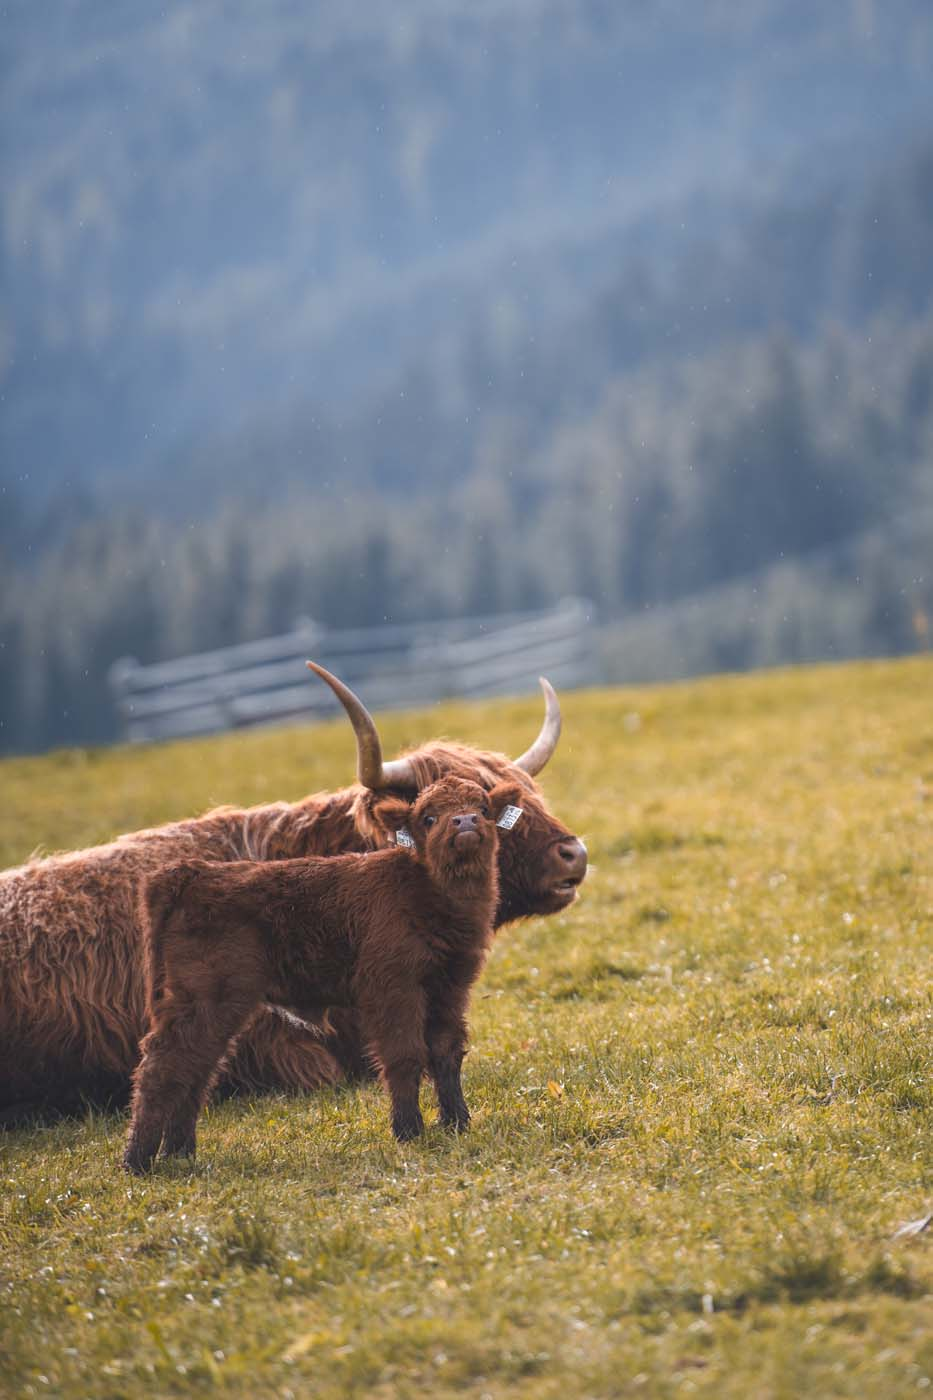 Hotel Scheffer mit regionalem Fleisch, Schottisches Hochlandrind essen, Tierwohl, Salzburgerland, Regional